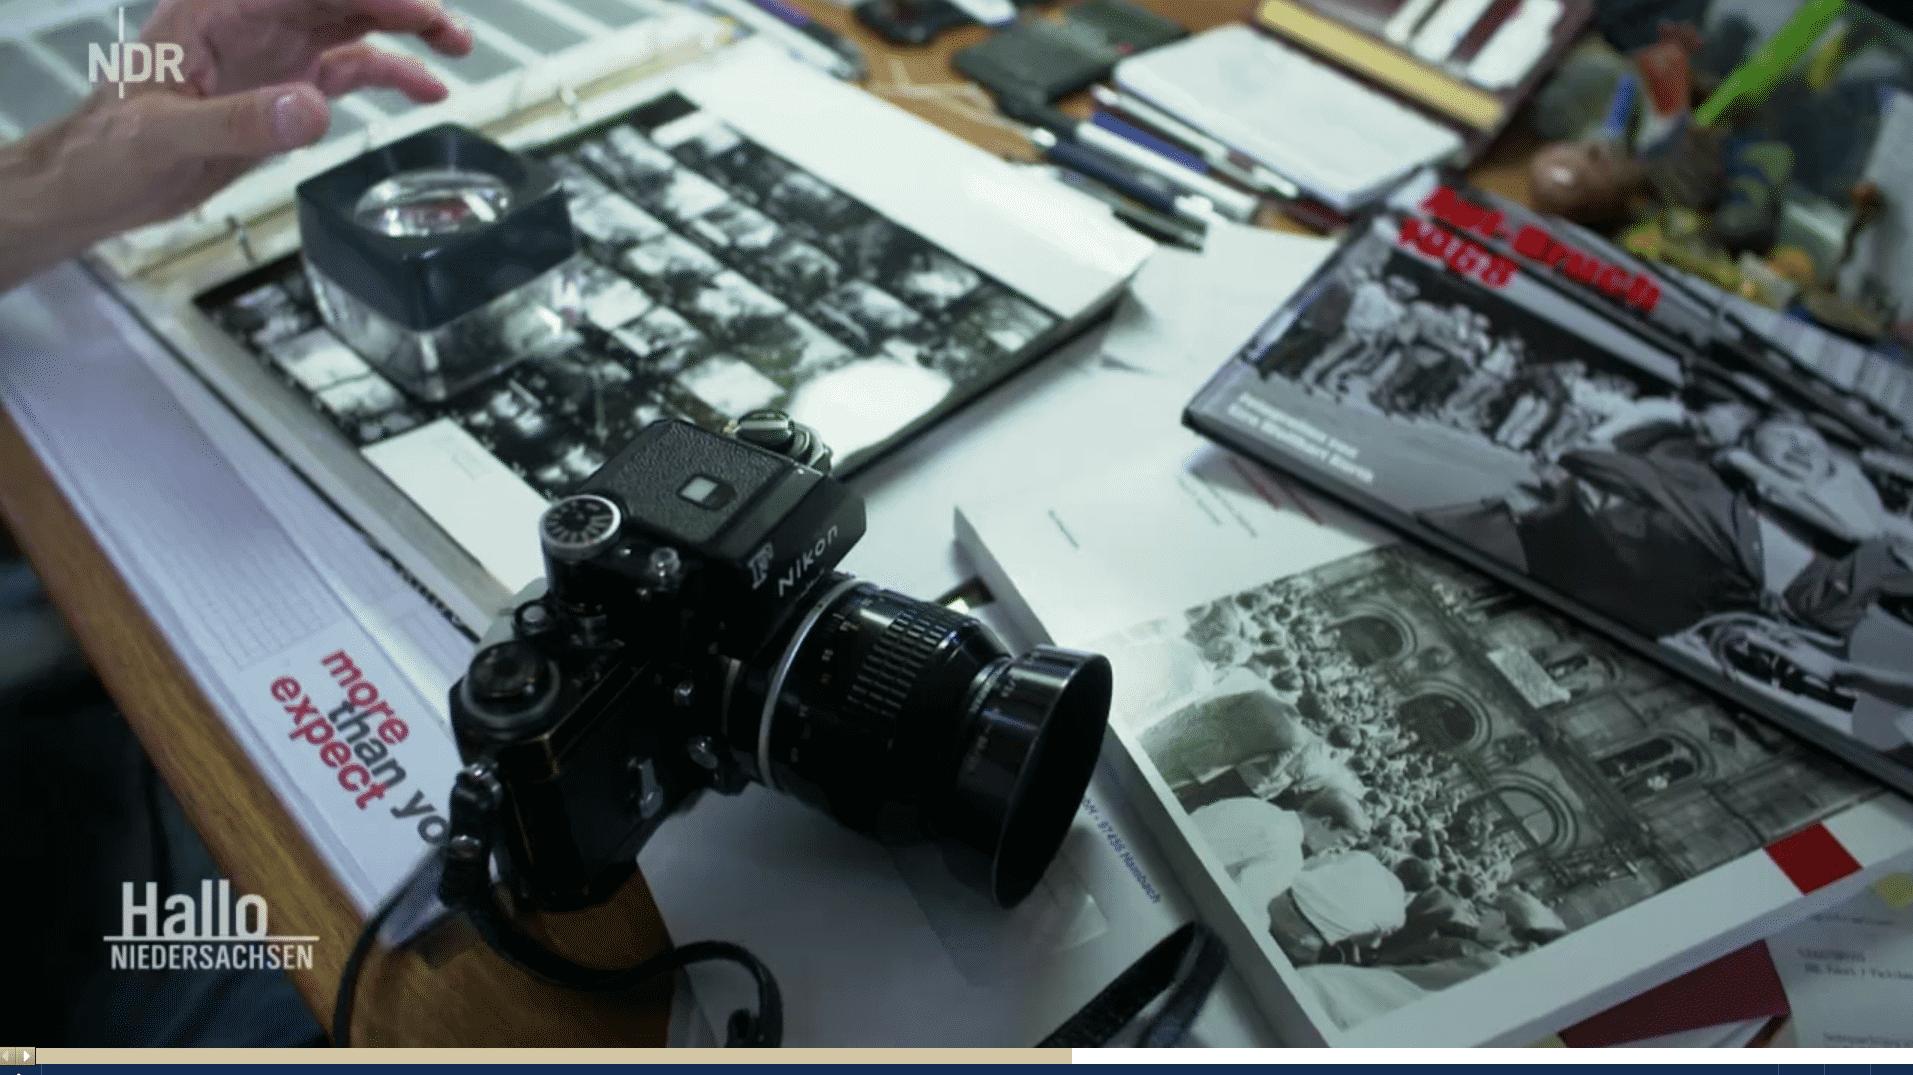 Mediathek-Tipps der Woche (KW 35): Von Studentenprotesten und Drohnenfotografie